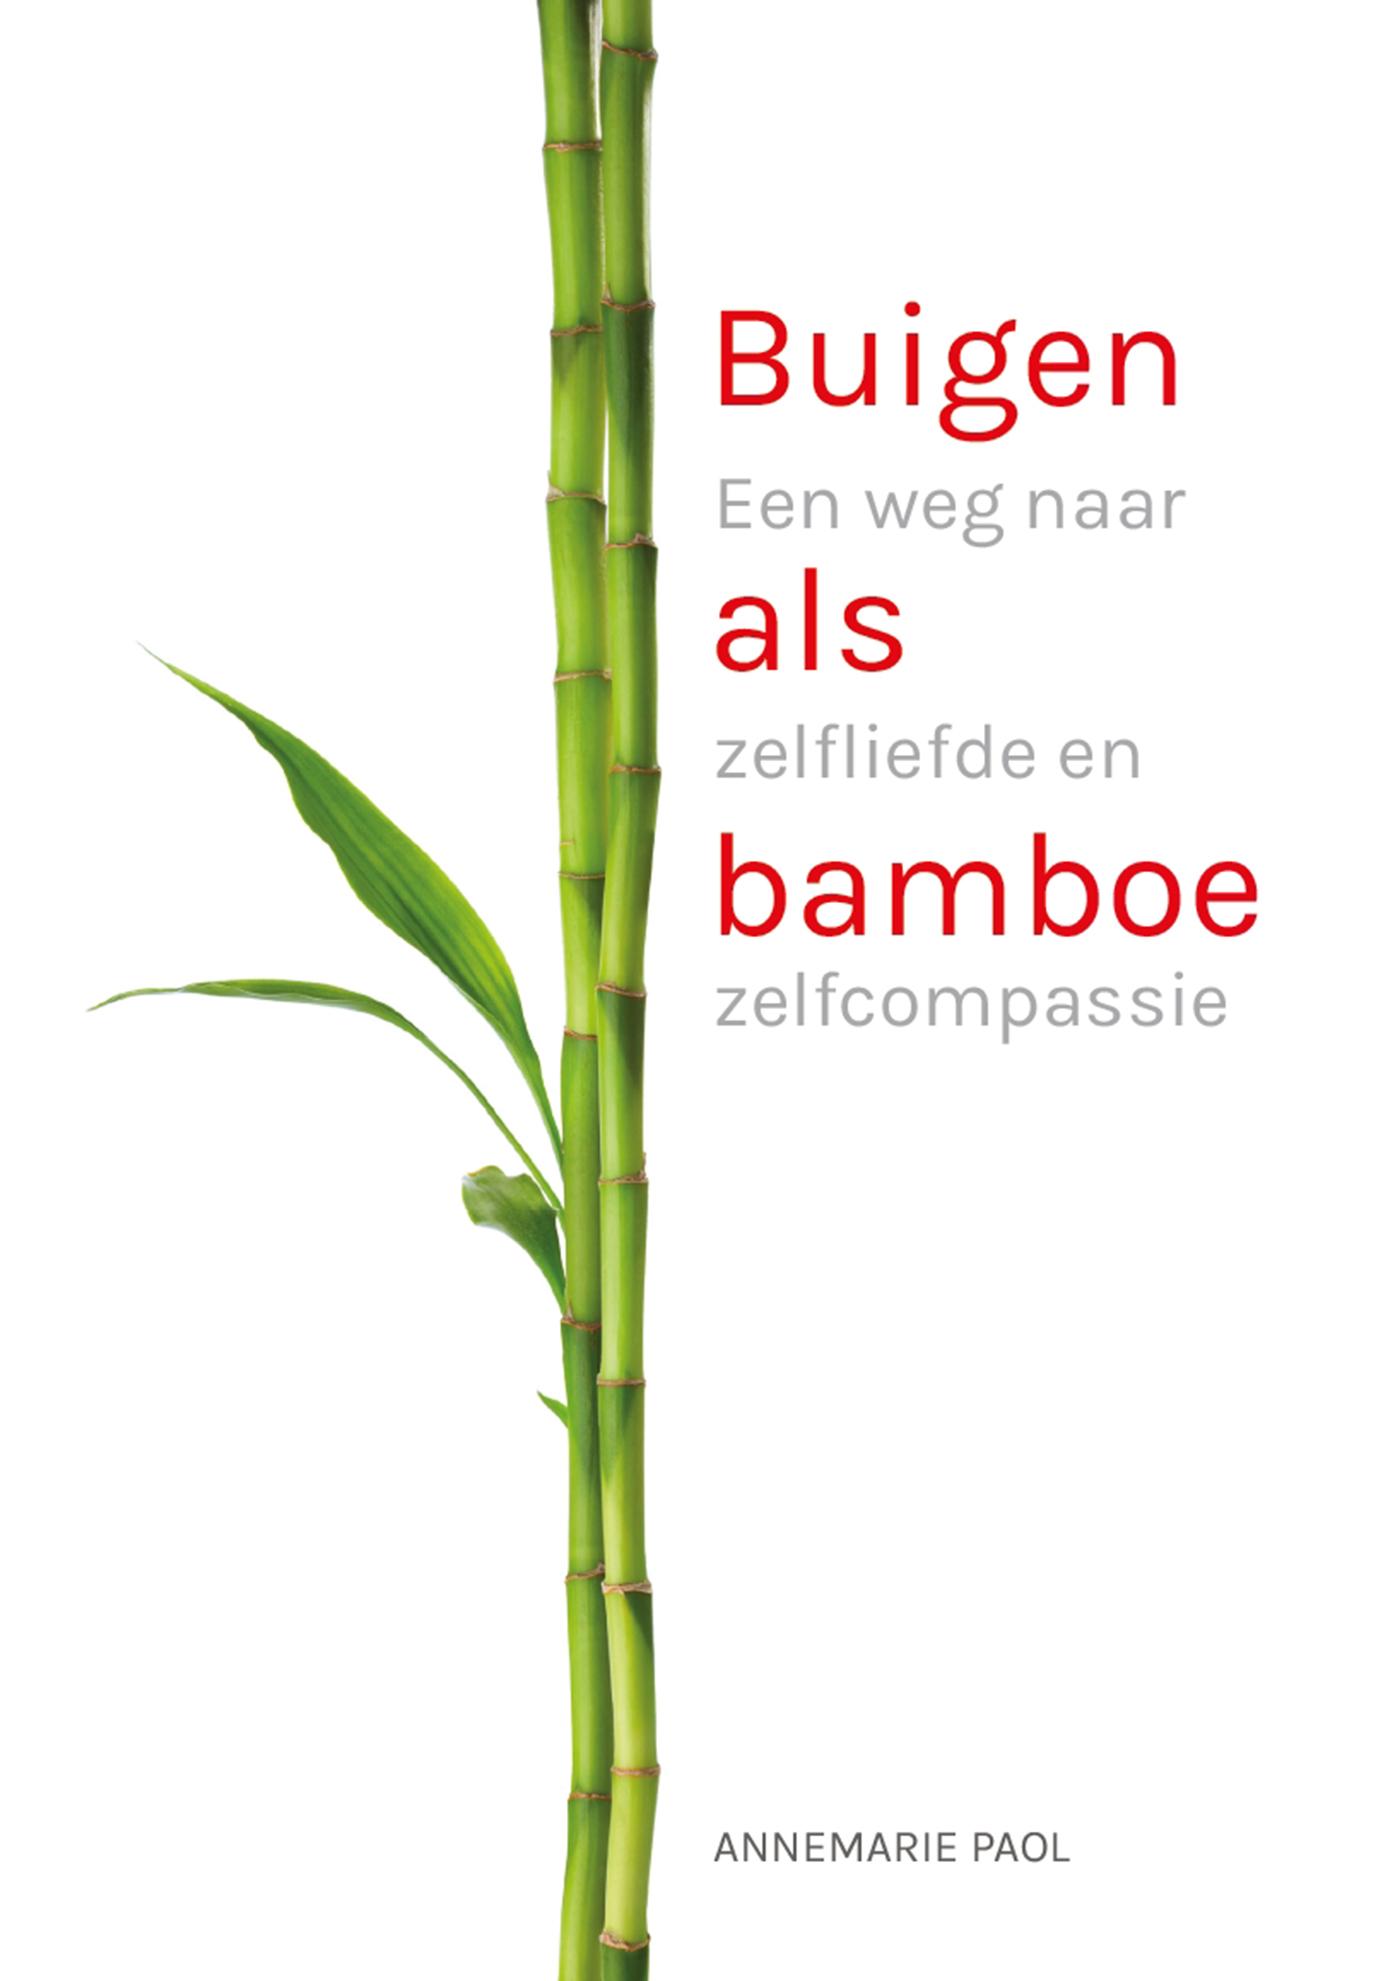 Cover Buigen als bamboe